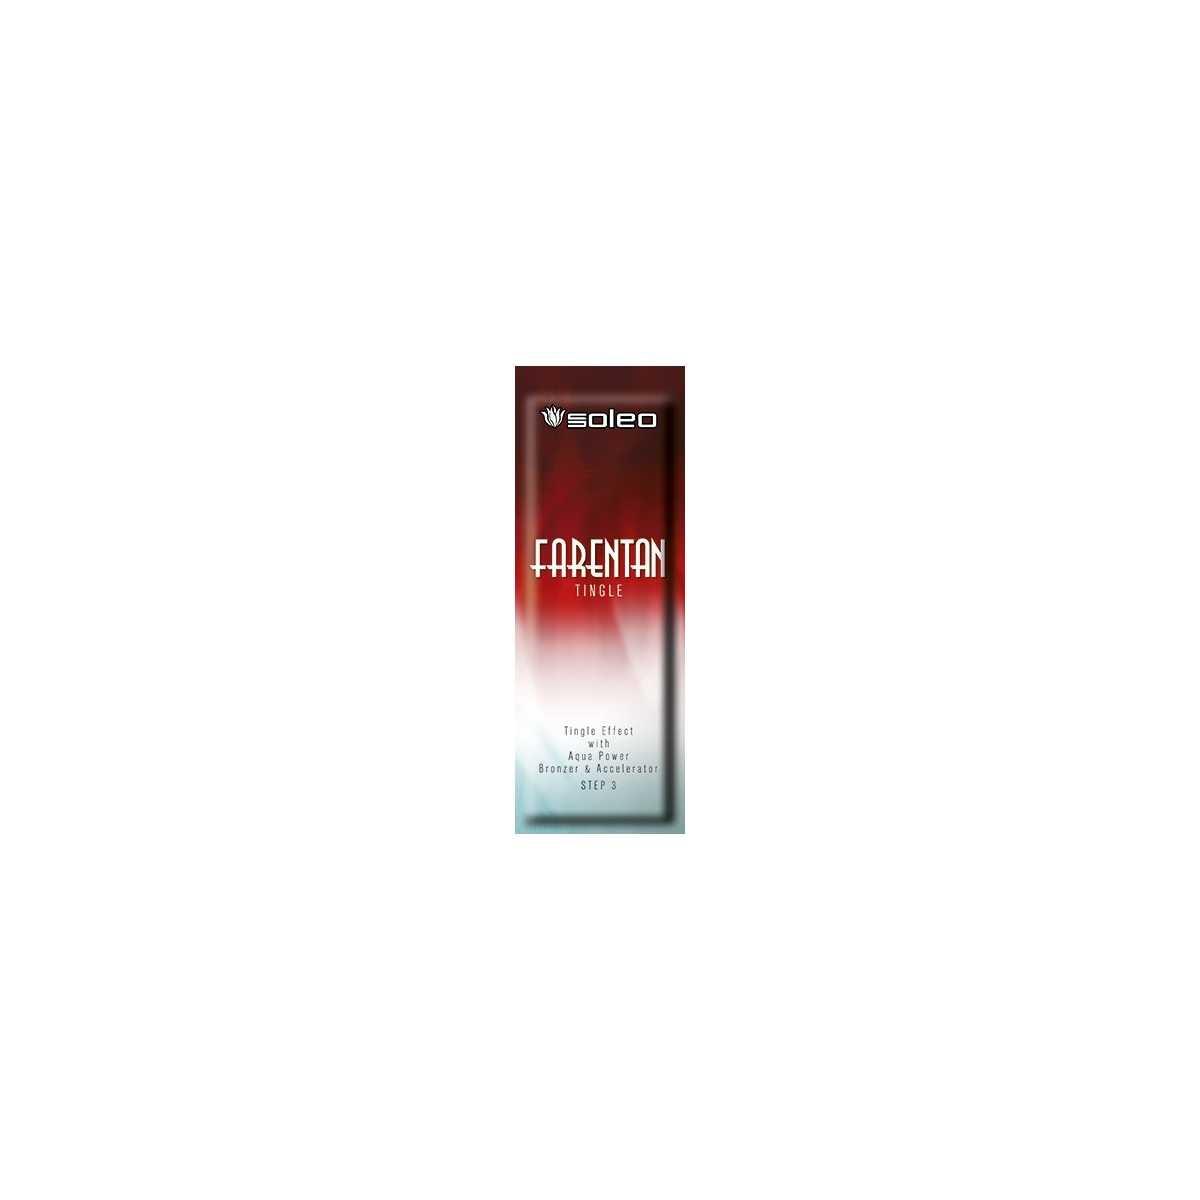 Farentan 15ml - Soleo